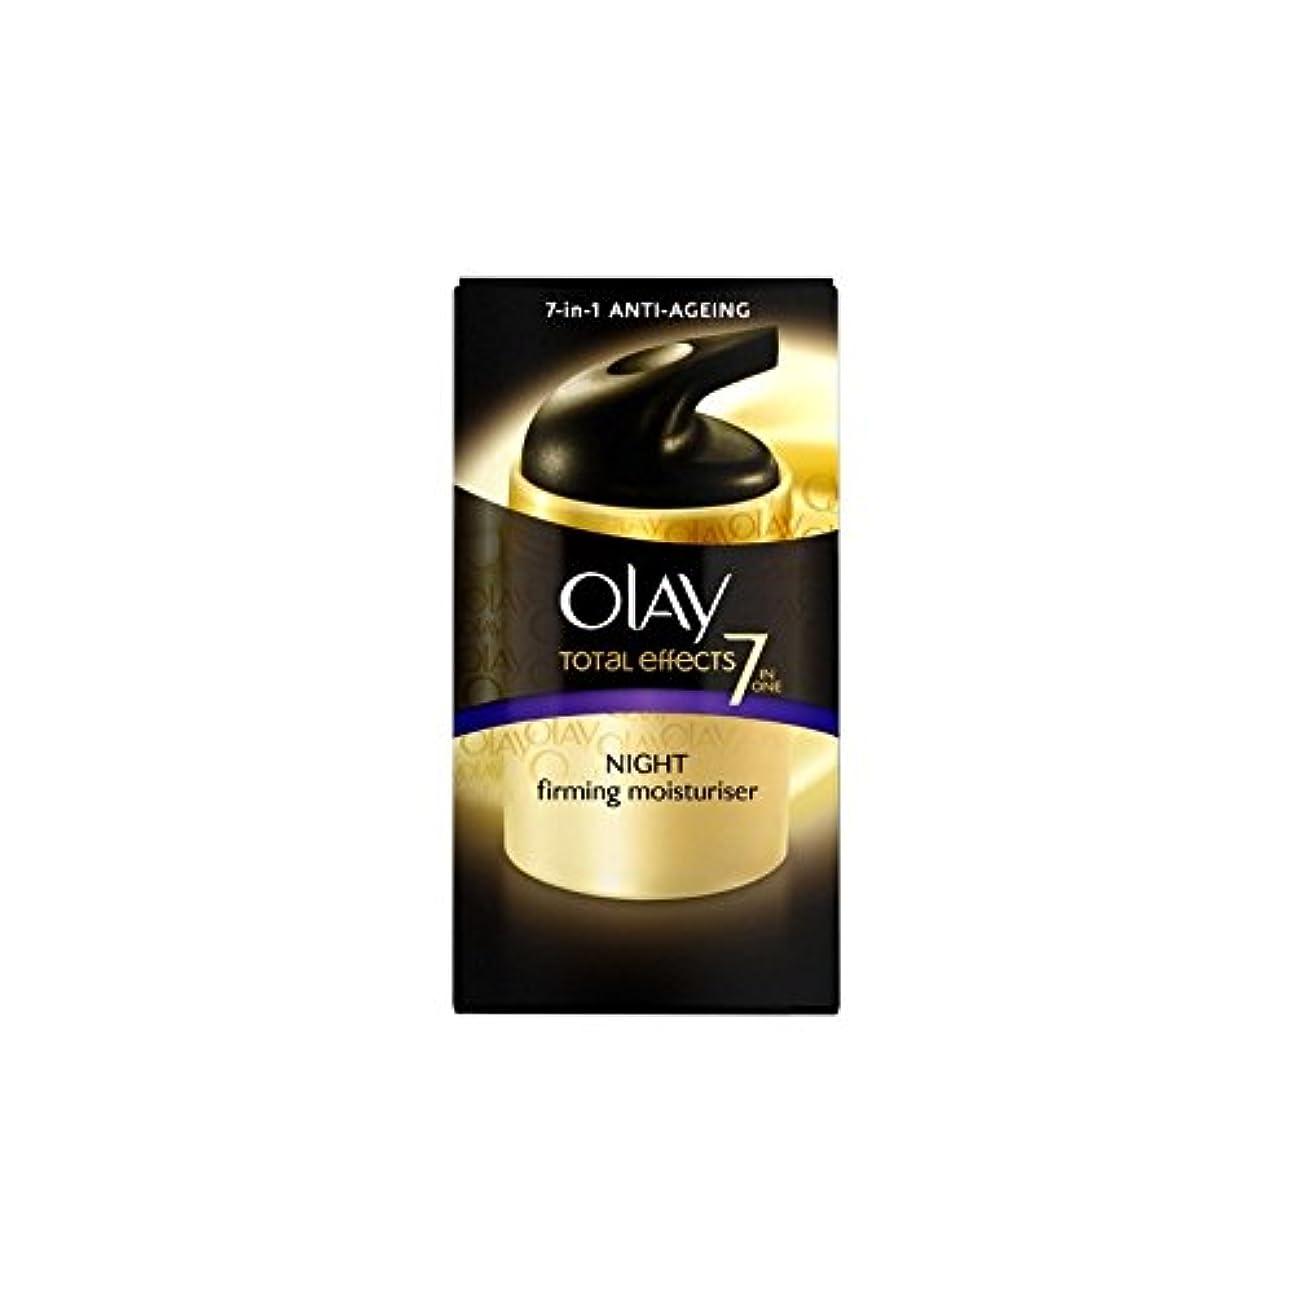 修羅場防止怠惰オーレイトータルエフェクト保湿ナイトクリーム(50ミリリットル) x2 - Olay Total Effects Moisturiser Night Cream (50ml) (Pack of 2) [並行輸入品]